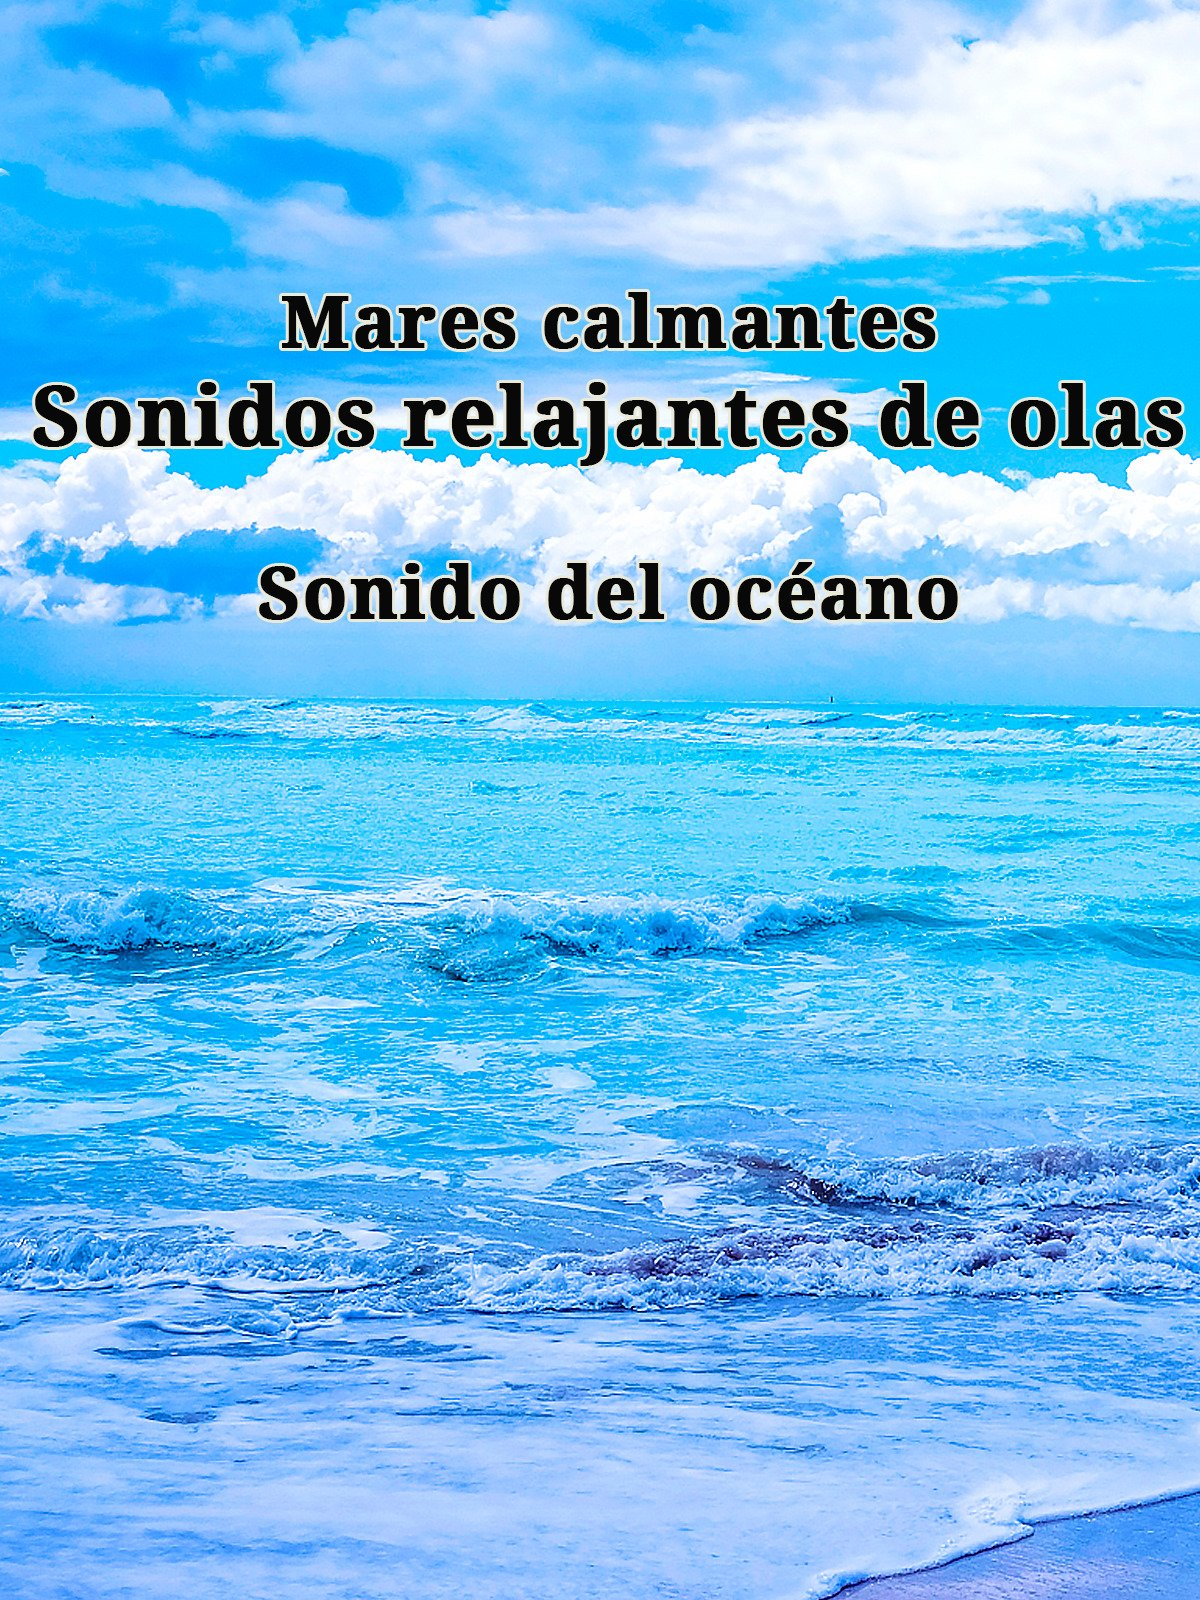 Mares calmantes: sonidos relajantes de olas. Sonido del océano.